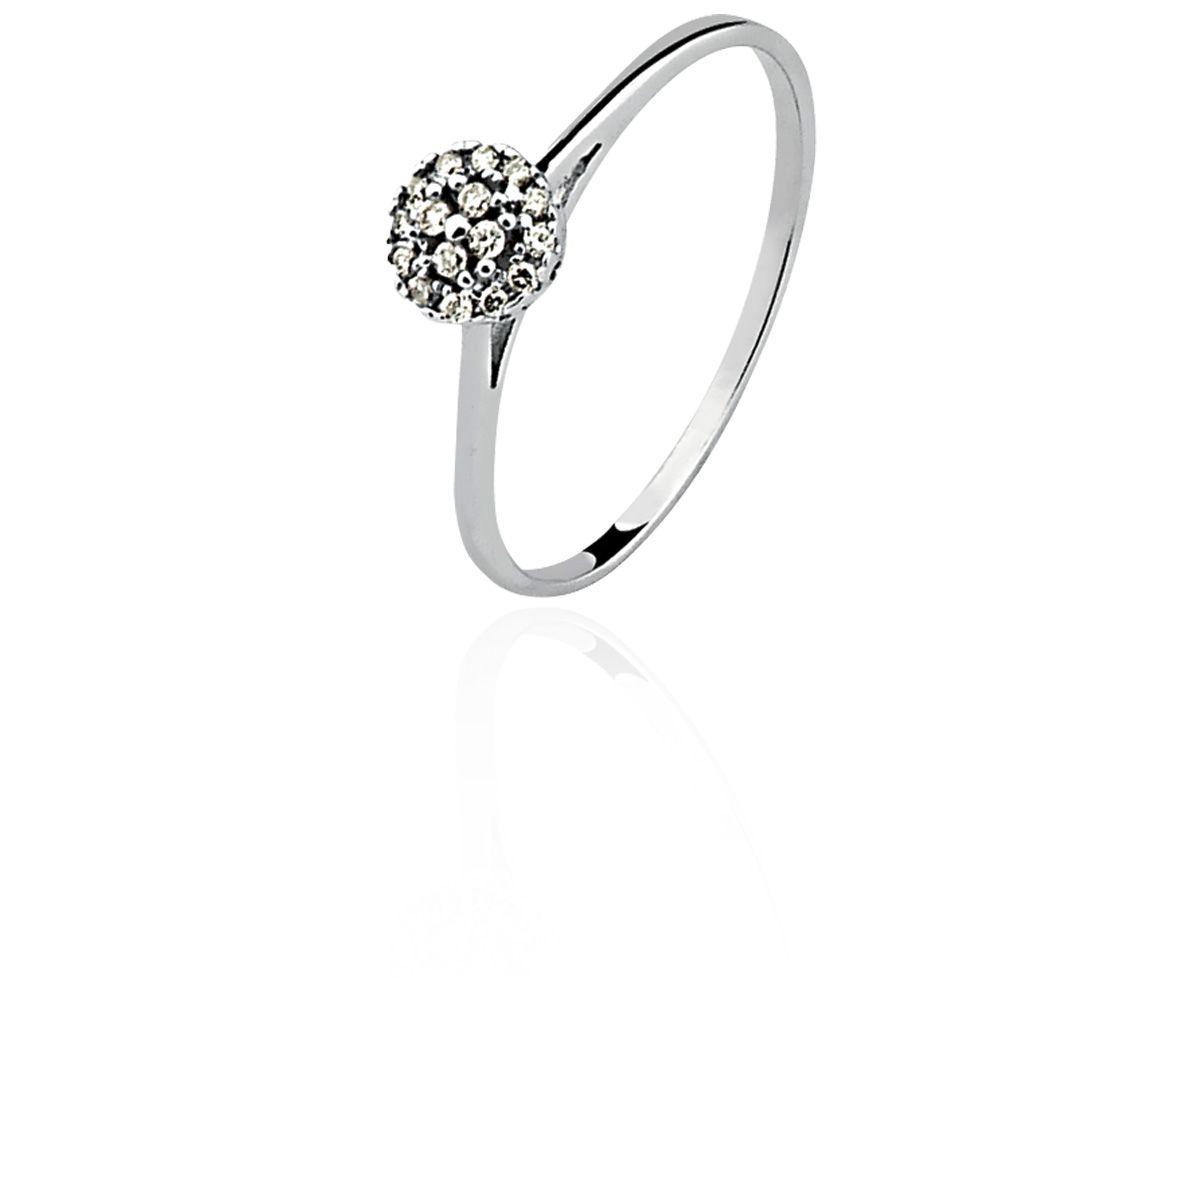 Anel Ouro 18k Branco Clássico Chuveirinho Diamante L 16.7